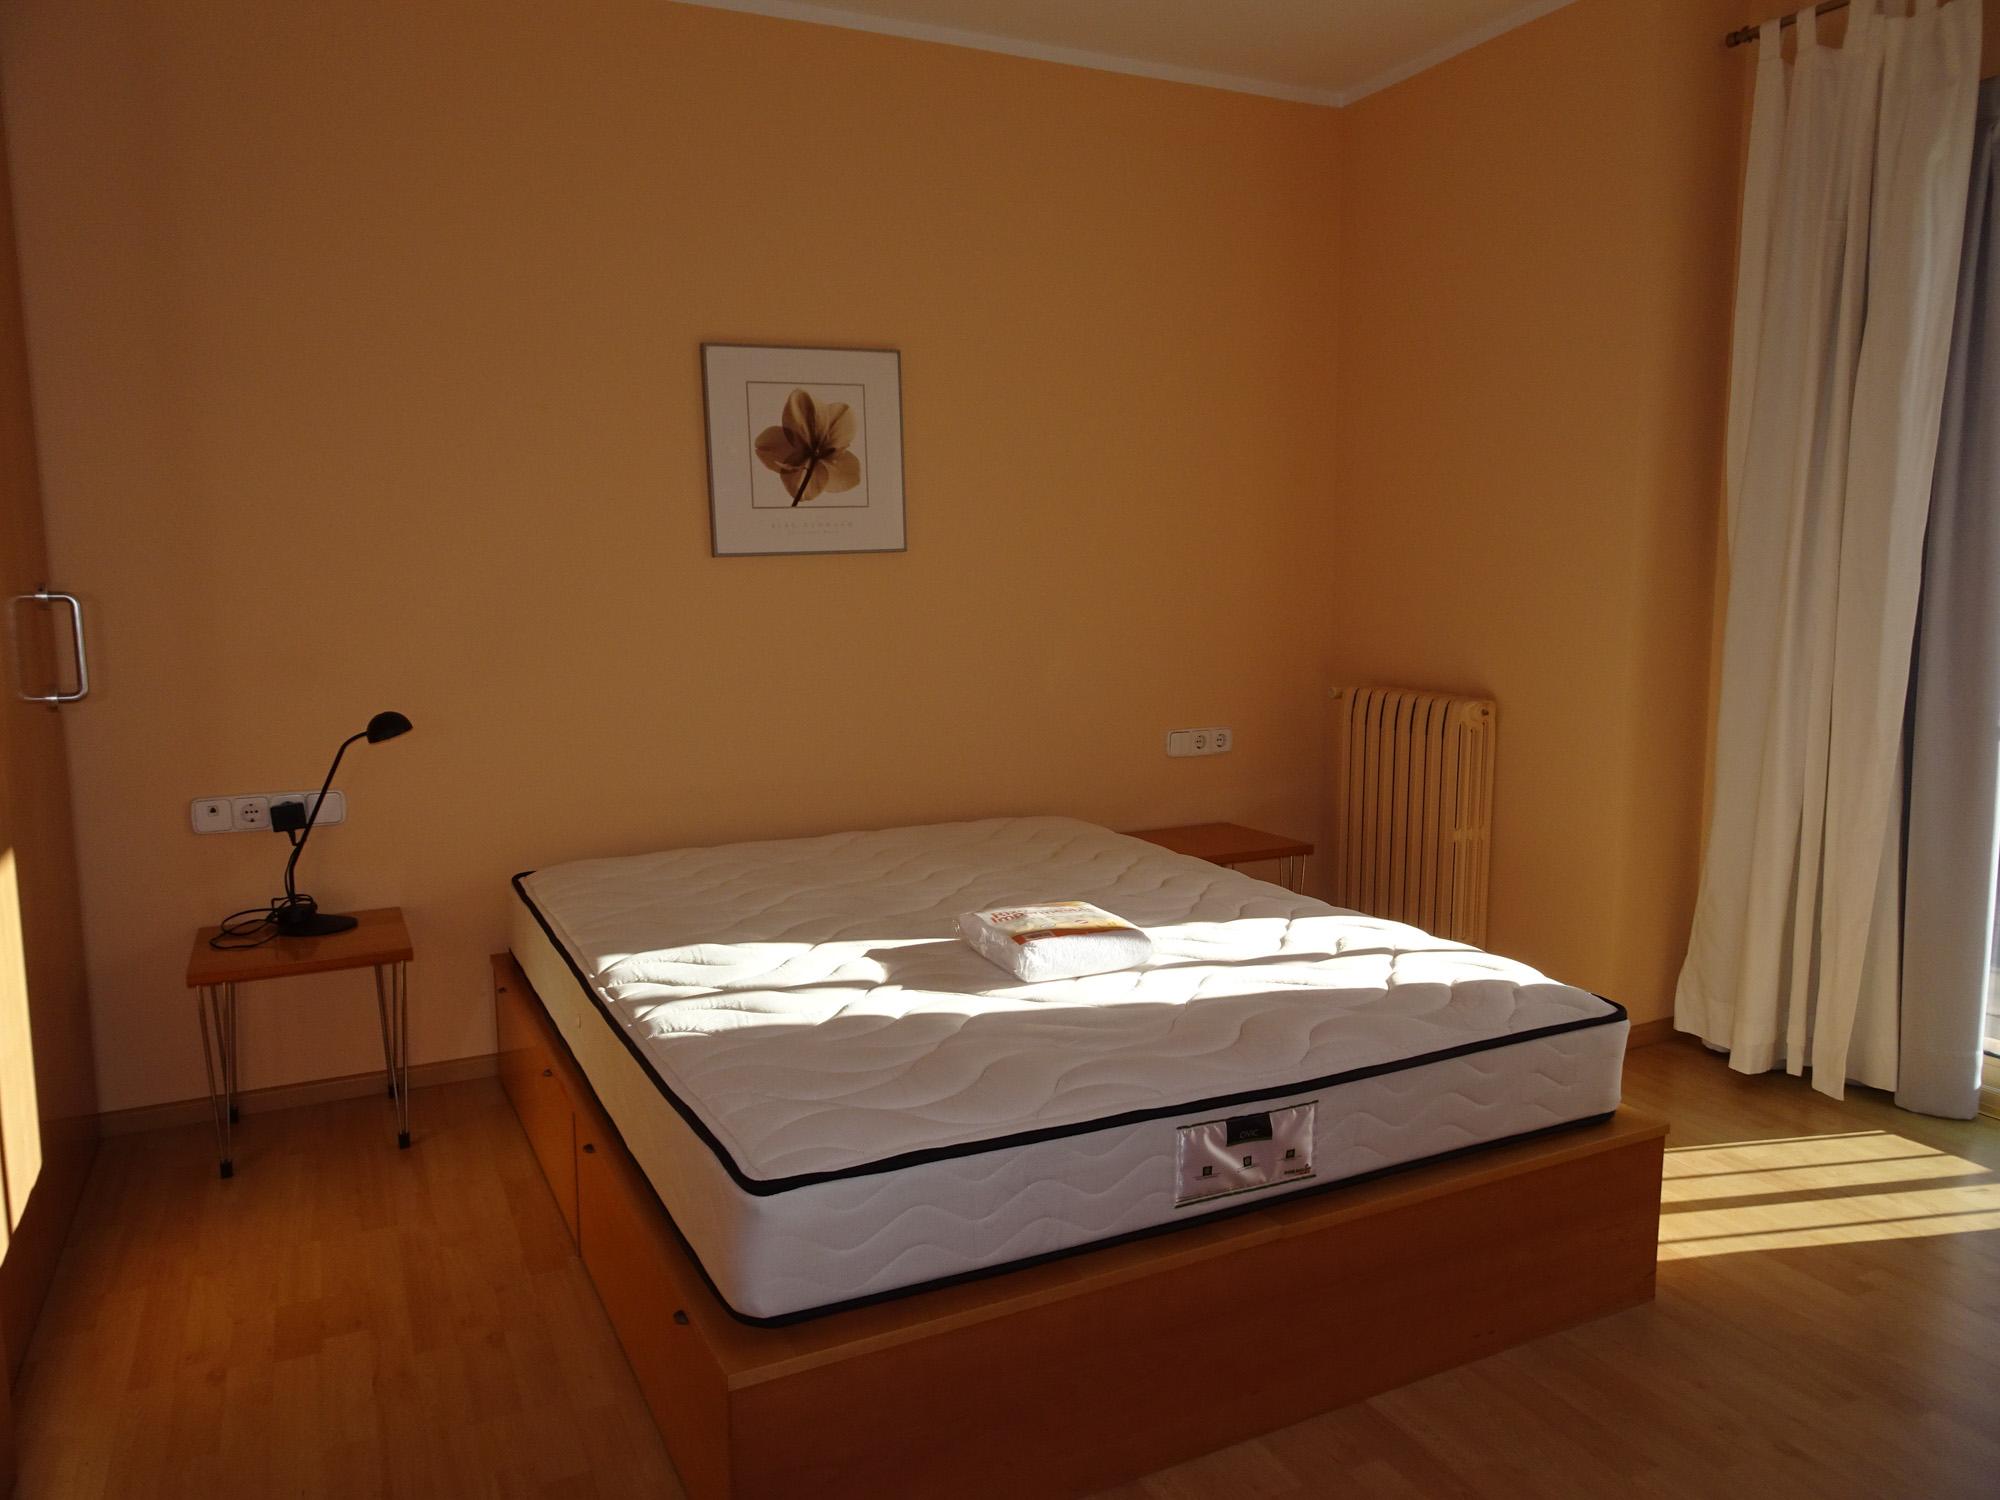 Pis de lloguer a Escaldes Engordany, 1 habitació, 50 metres